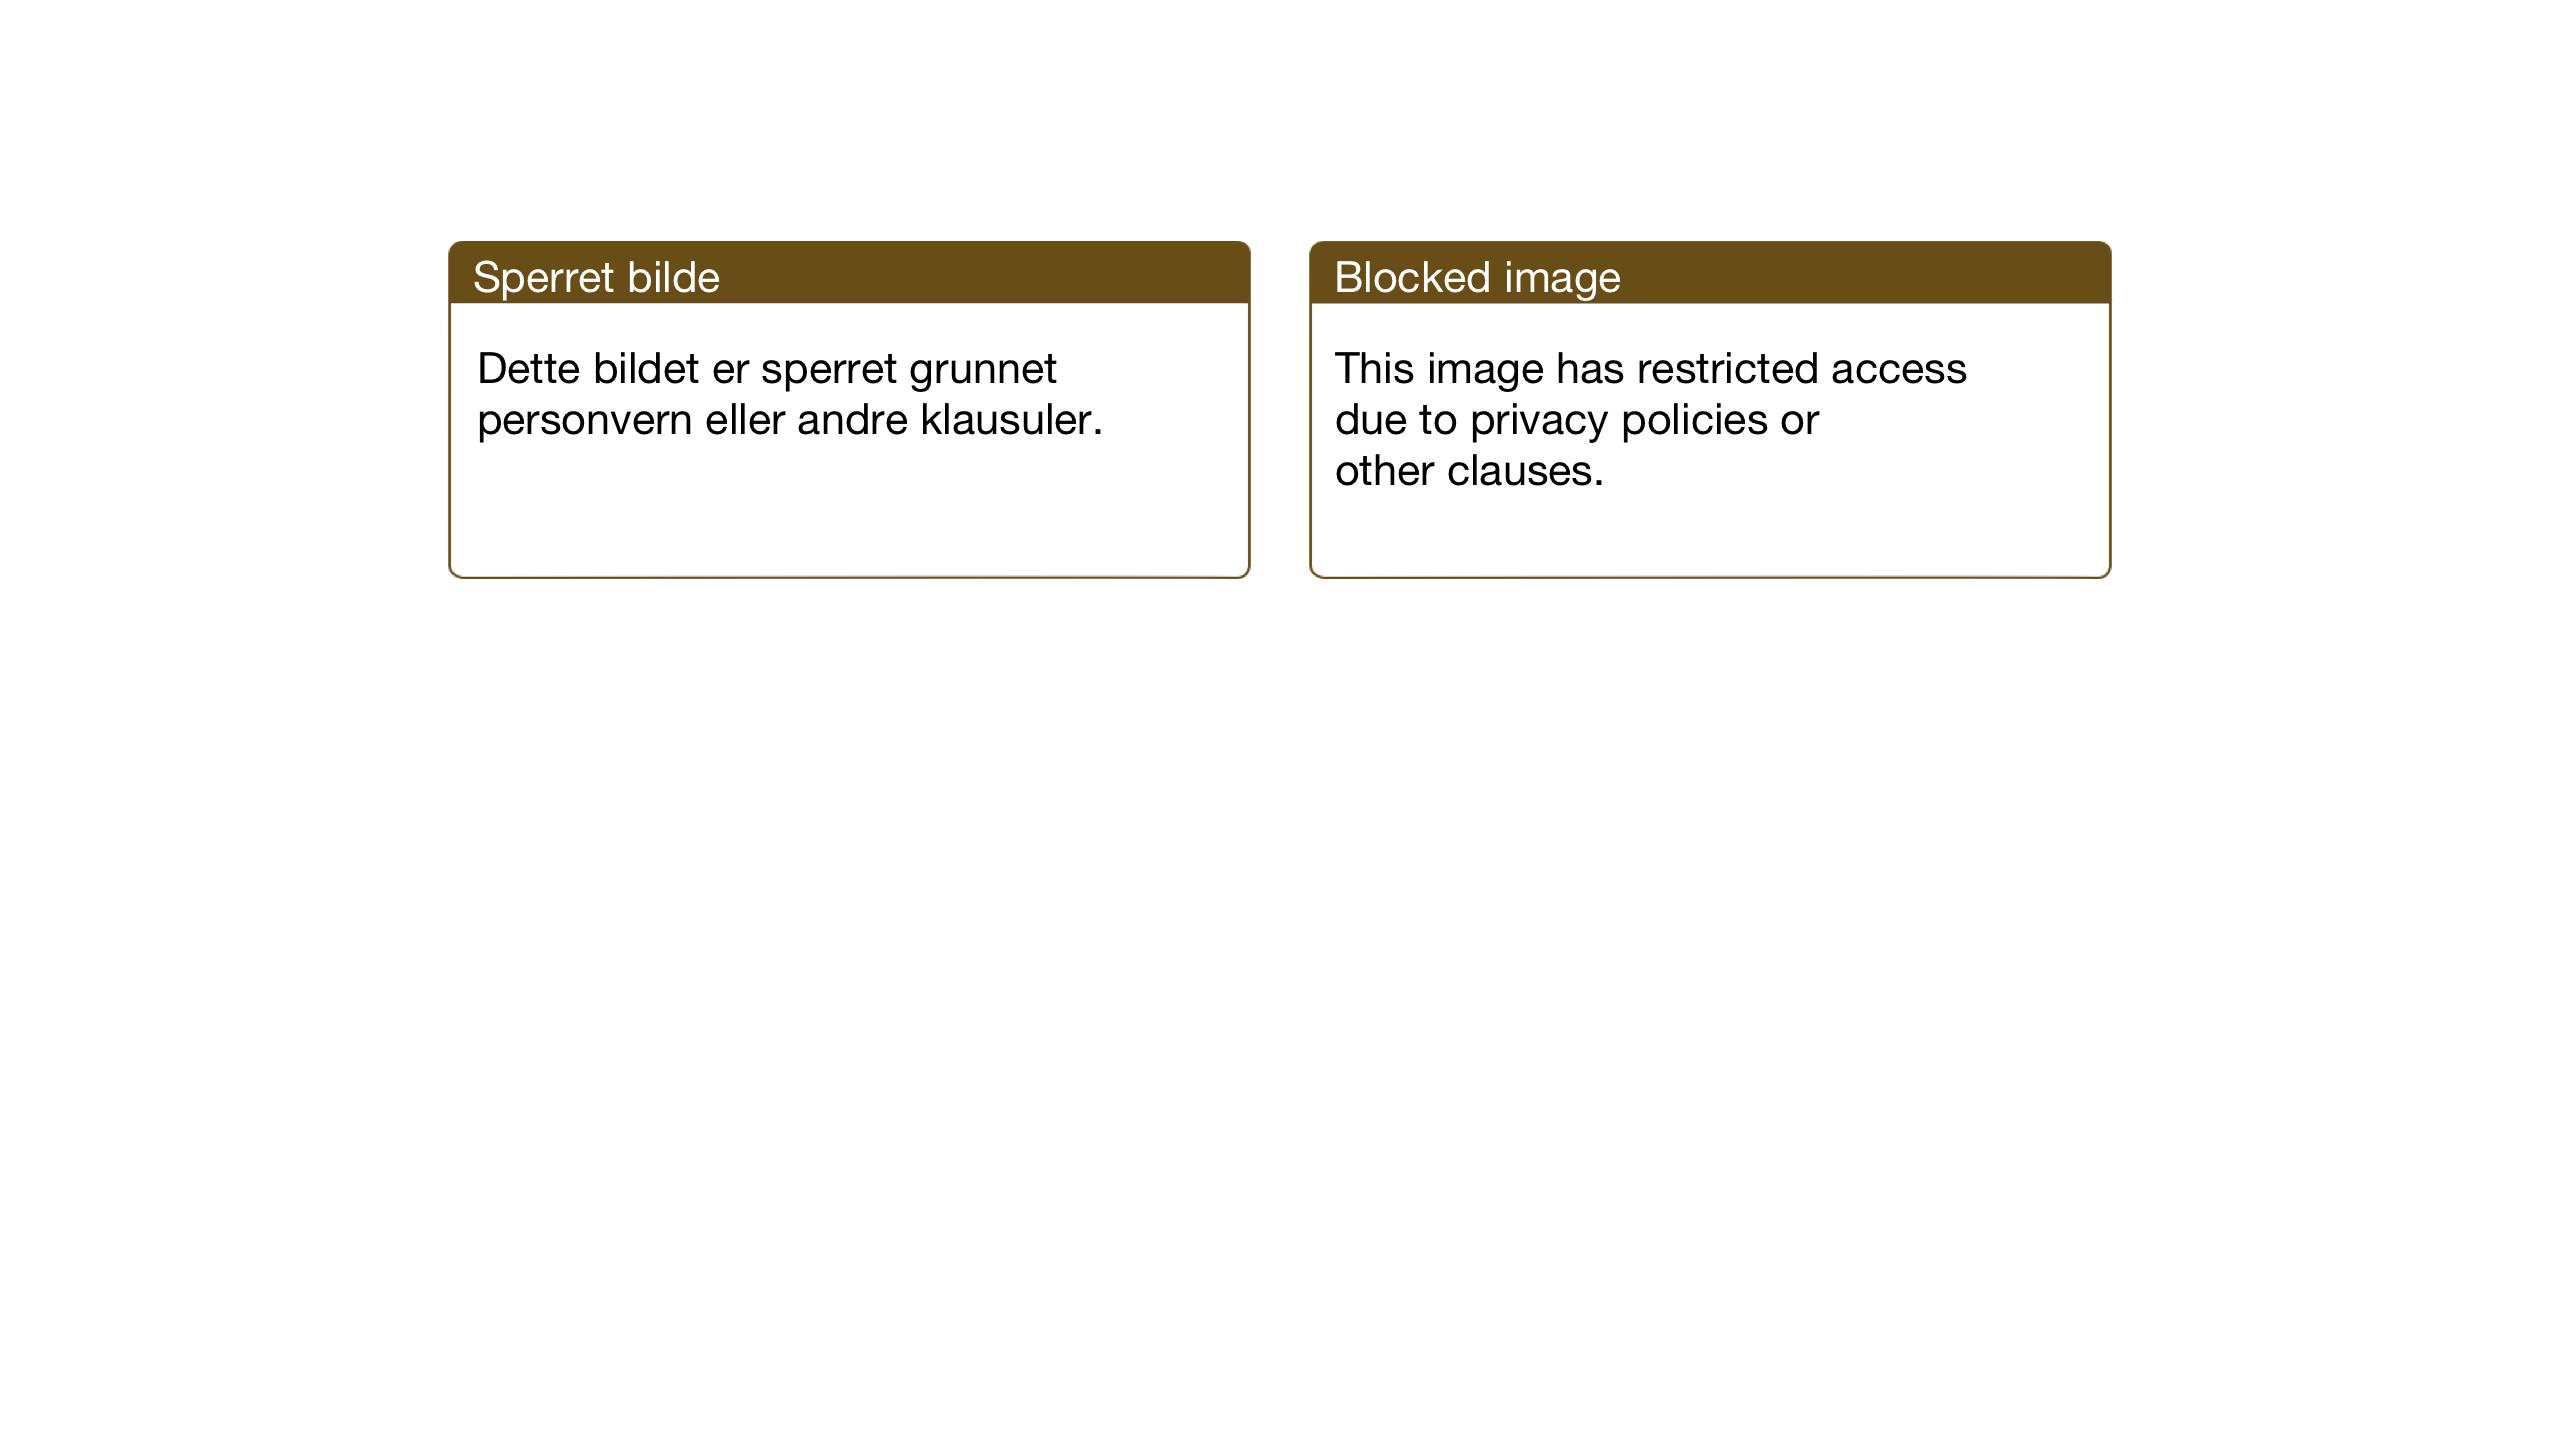 SAT, Ministerialprotokoller, klokkerbøker og fødselsregistre - Sør-Trøndelag, 669/L0832: Klokkerbok nr. 669C02, 1925-1953, s. 80